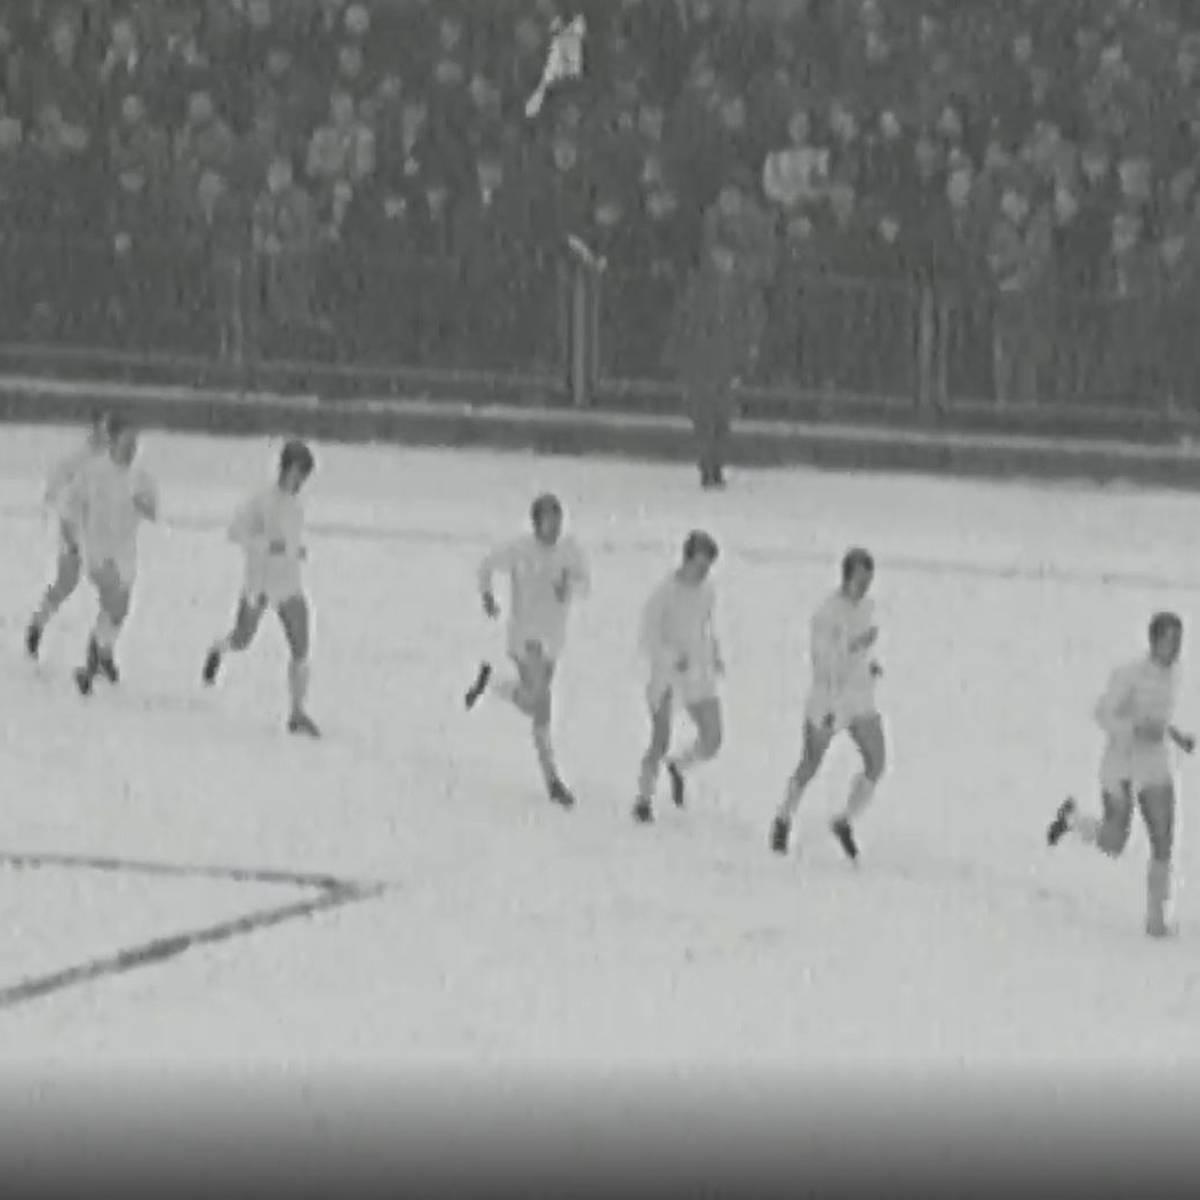 Das erste zweistellige Ergebnis der jungen Bundesliga-Geschichte